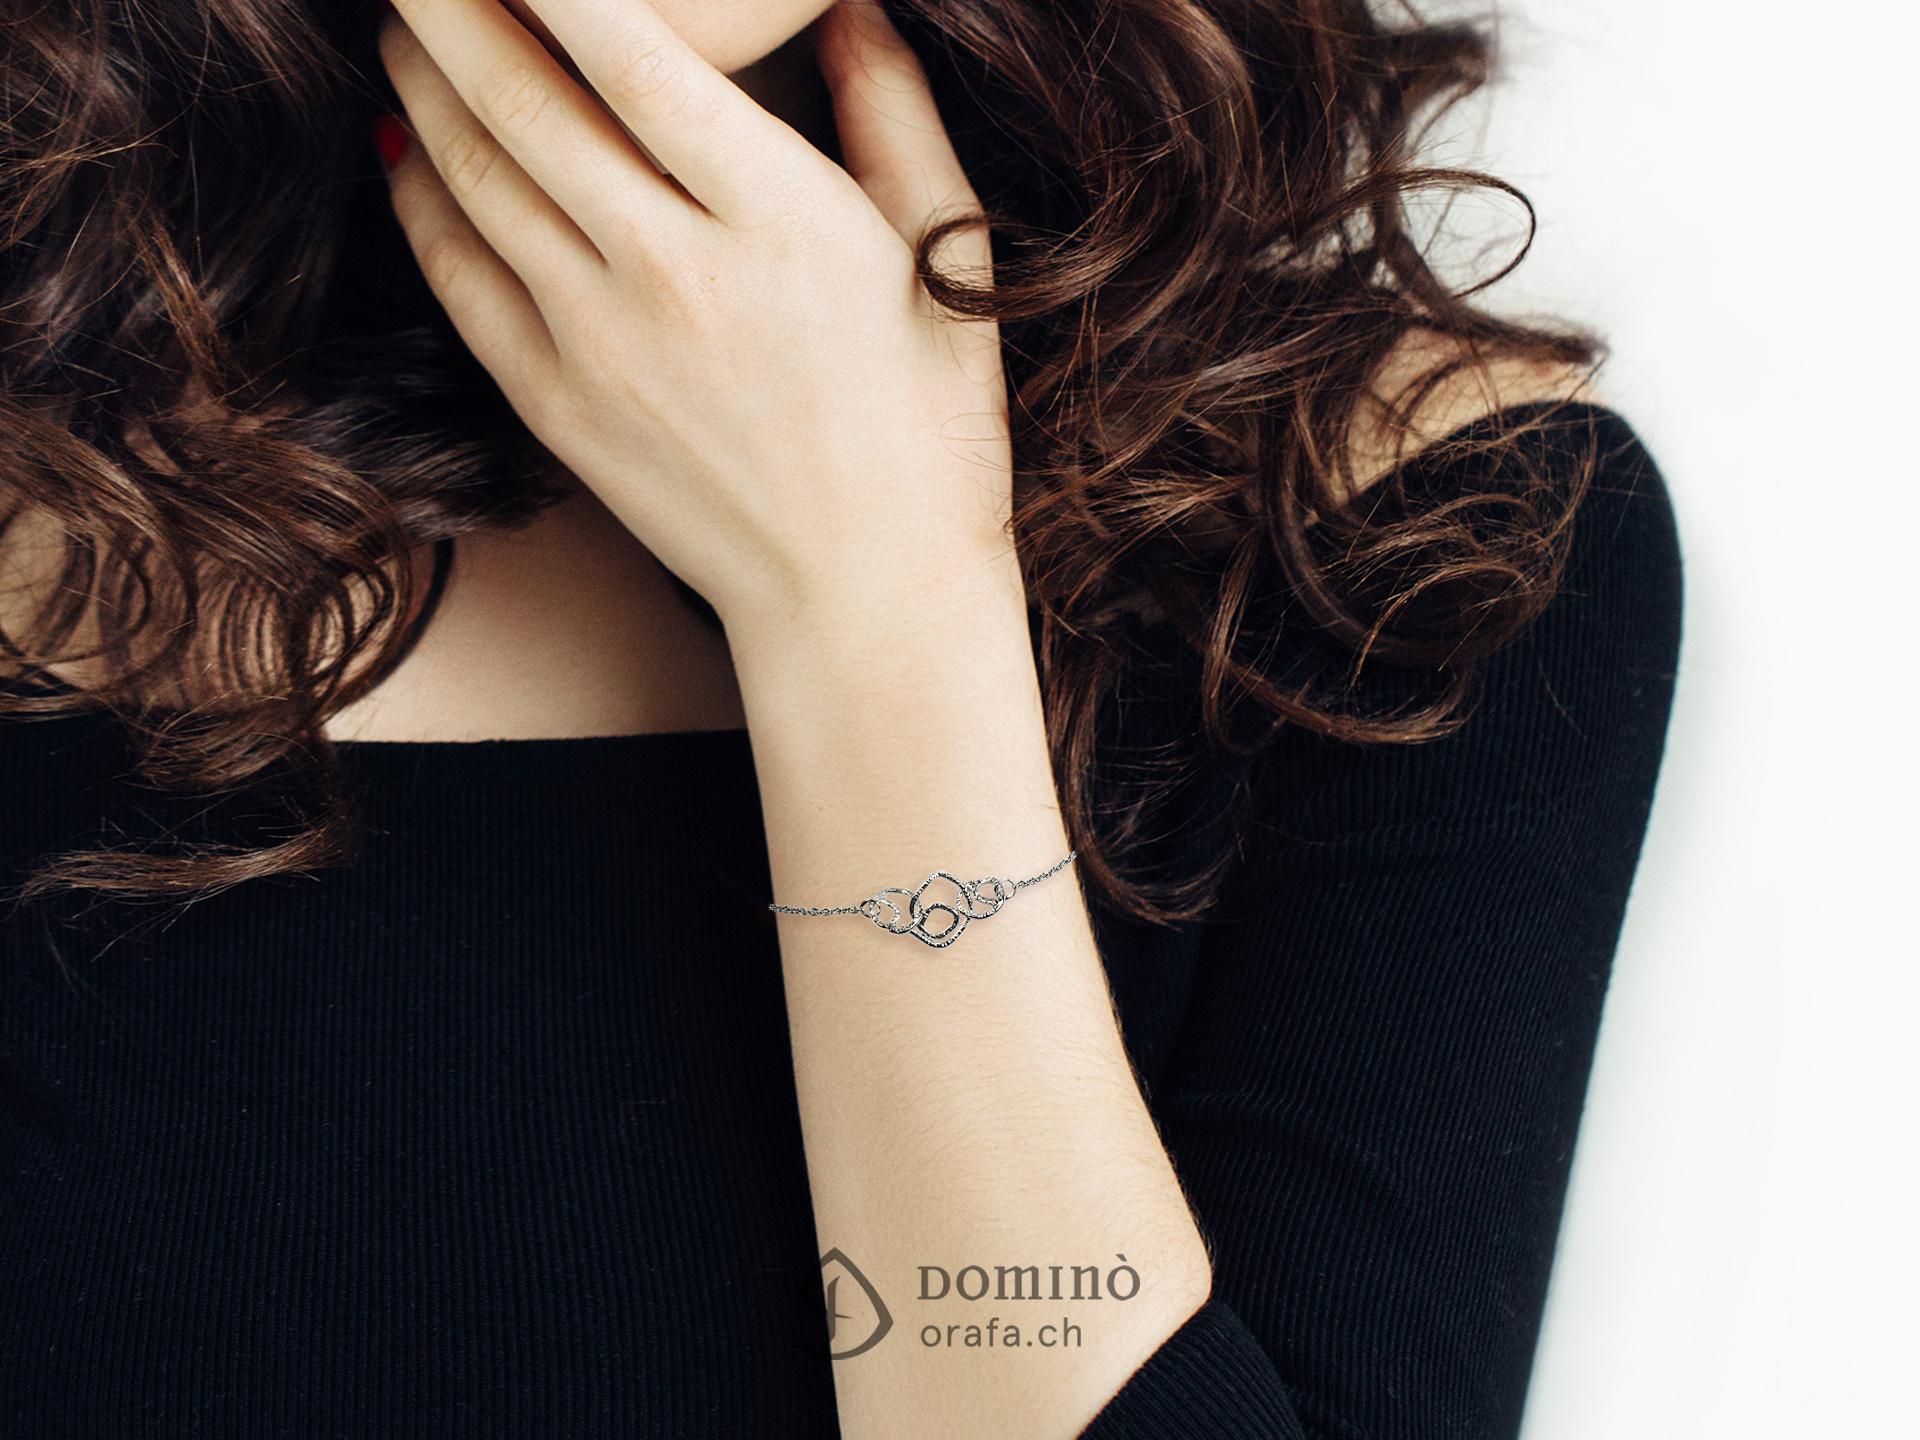 braccialetto-3-elementi-fantasia-linee-1